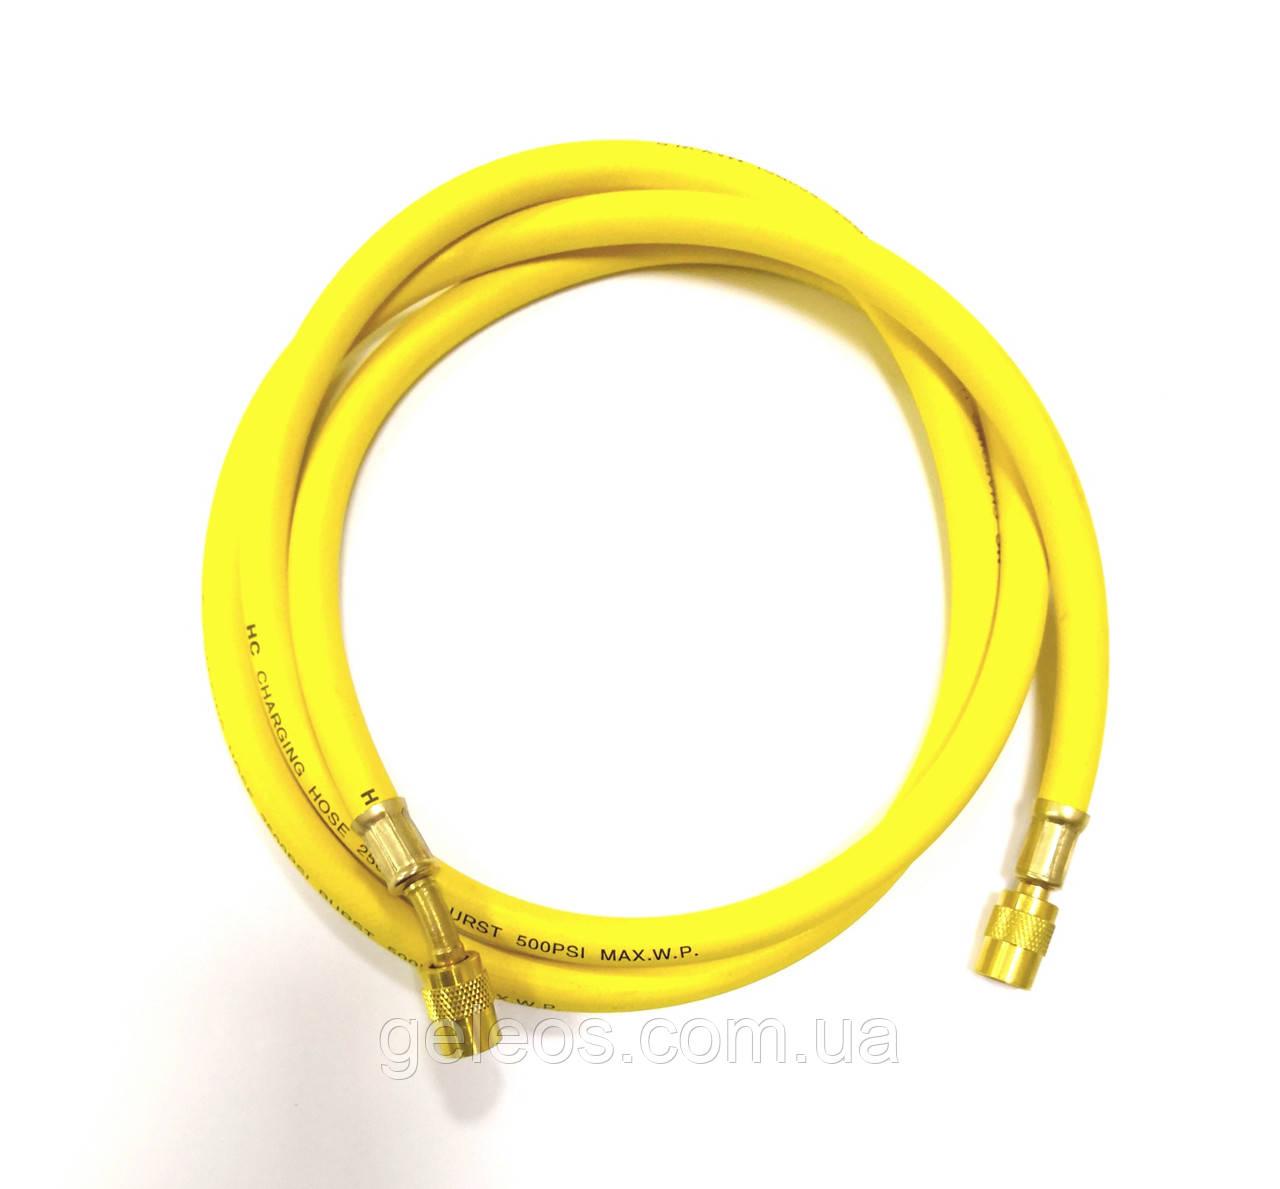 Заправочный шланг CT-360  150 см R22 (1/4 - 1/4 SAE) Whicepart